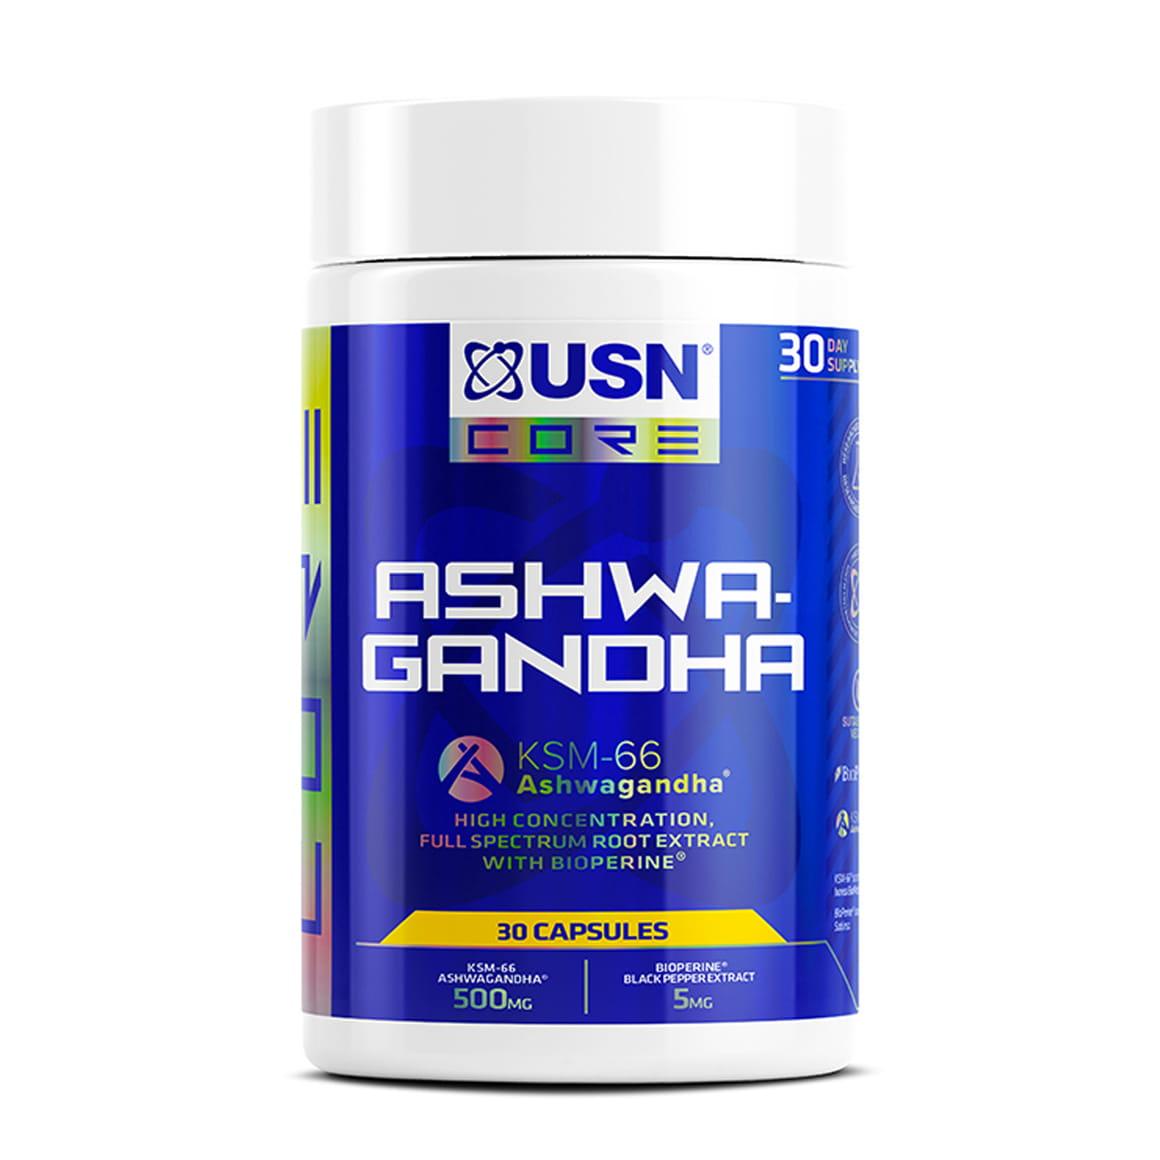 USN Ashwagandha, 30 caps